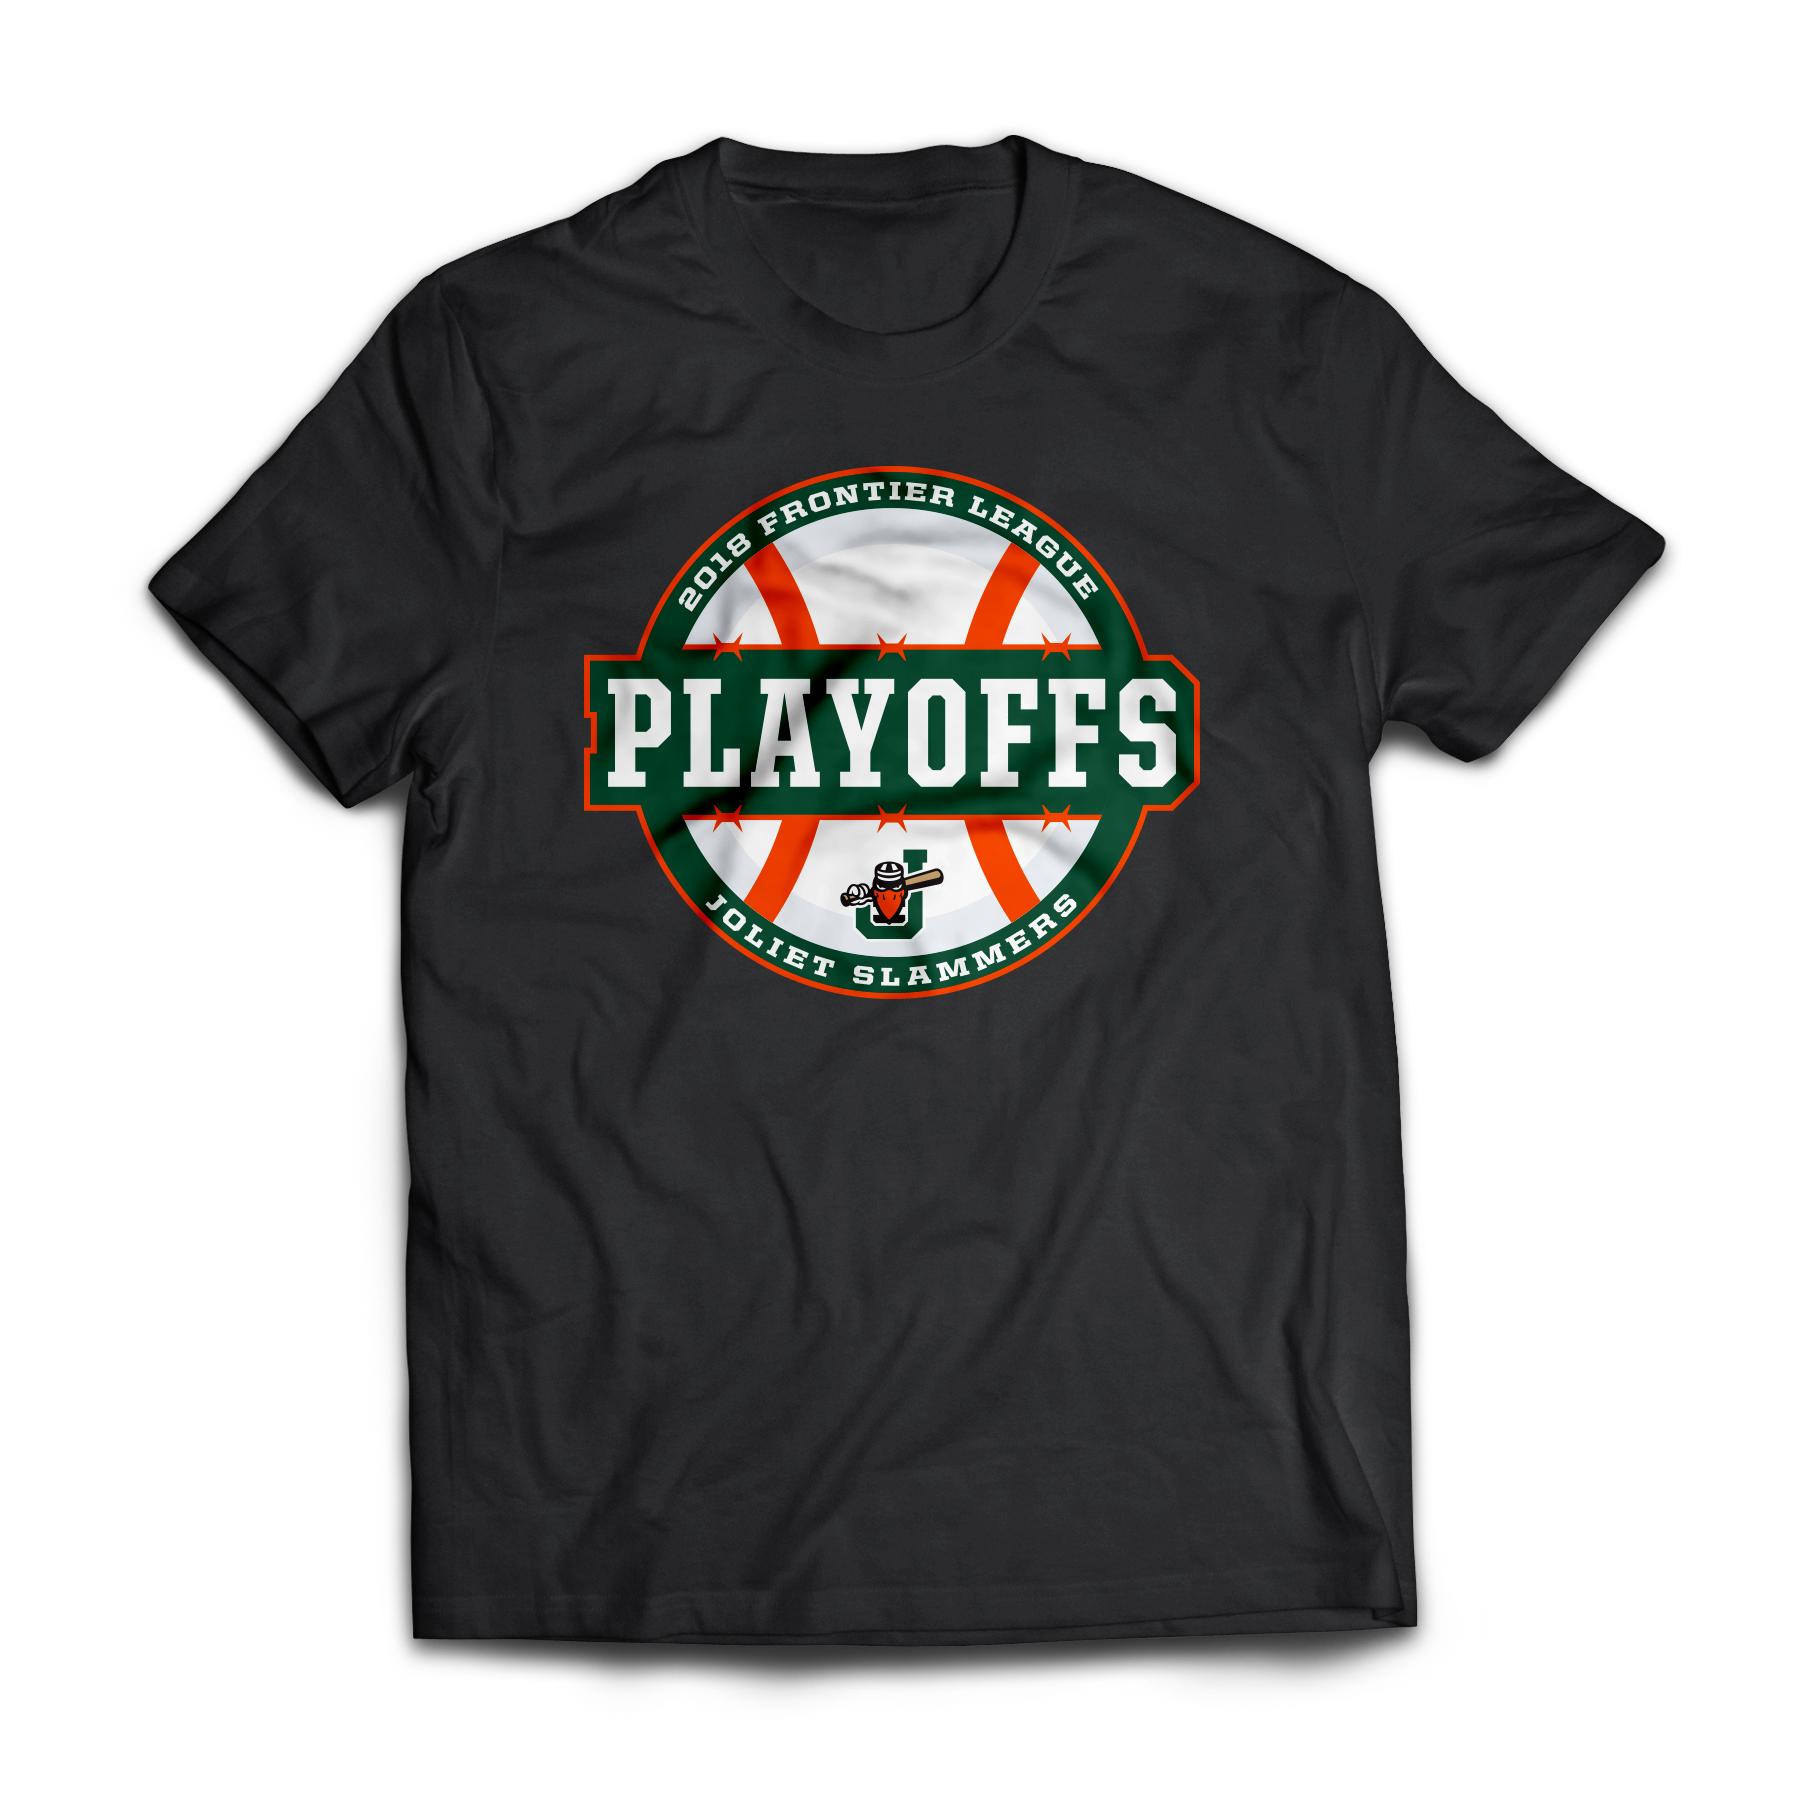 Joliet Slammers 2018 Frontier League Playoffs logo and shirt design.